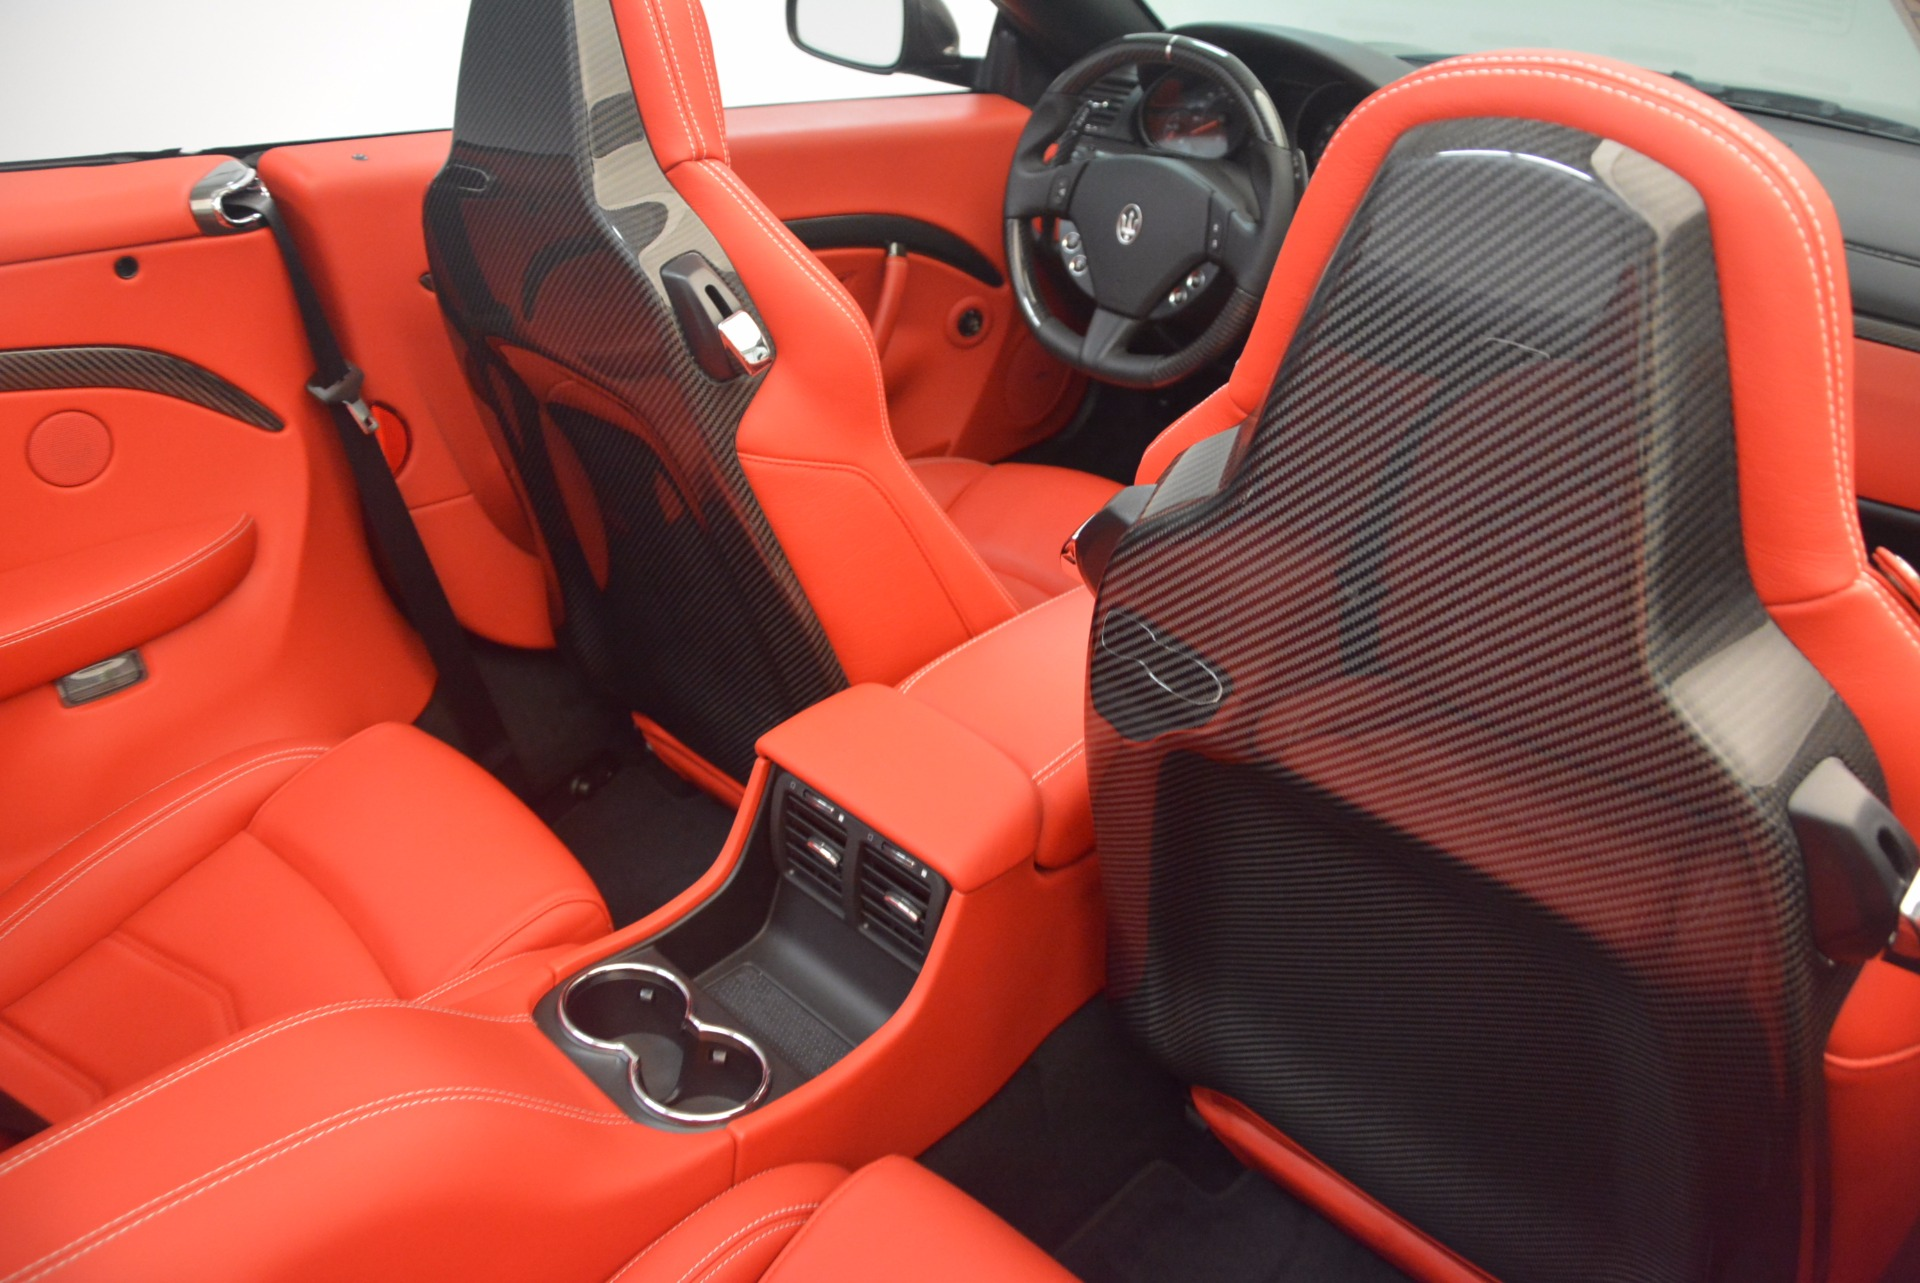 Used 2015 Maserati GranTurismo MC For Sale In Westport, CT 1135_p35